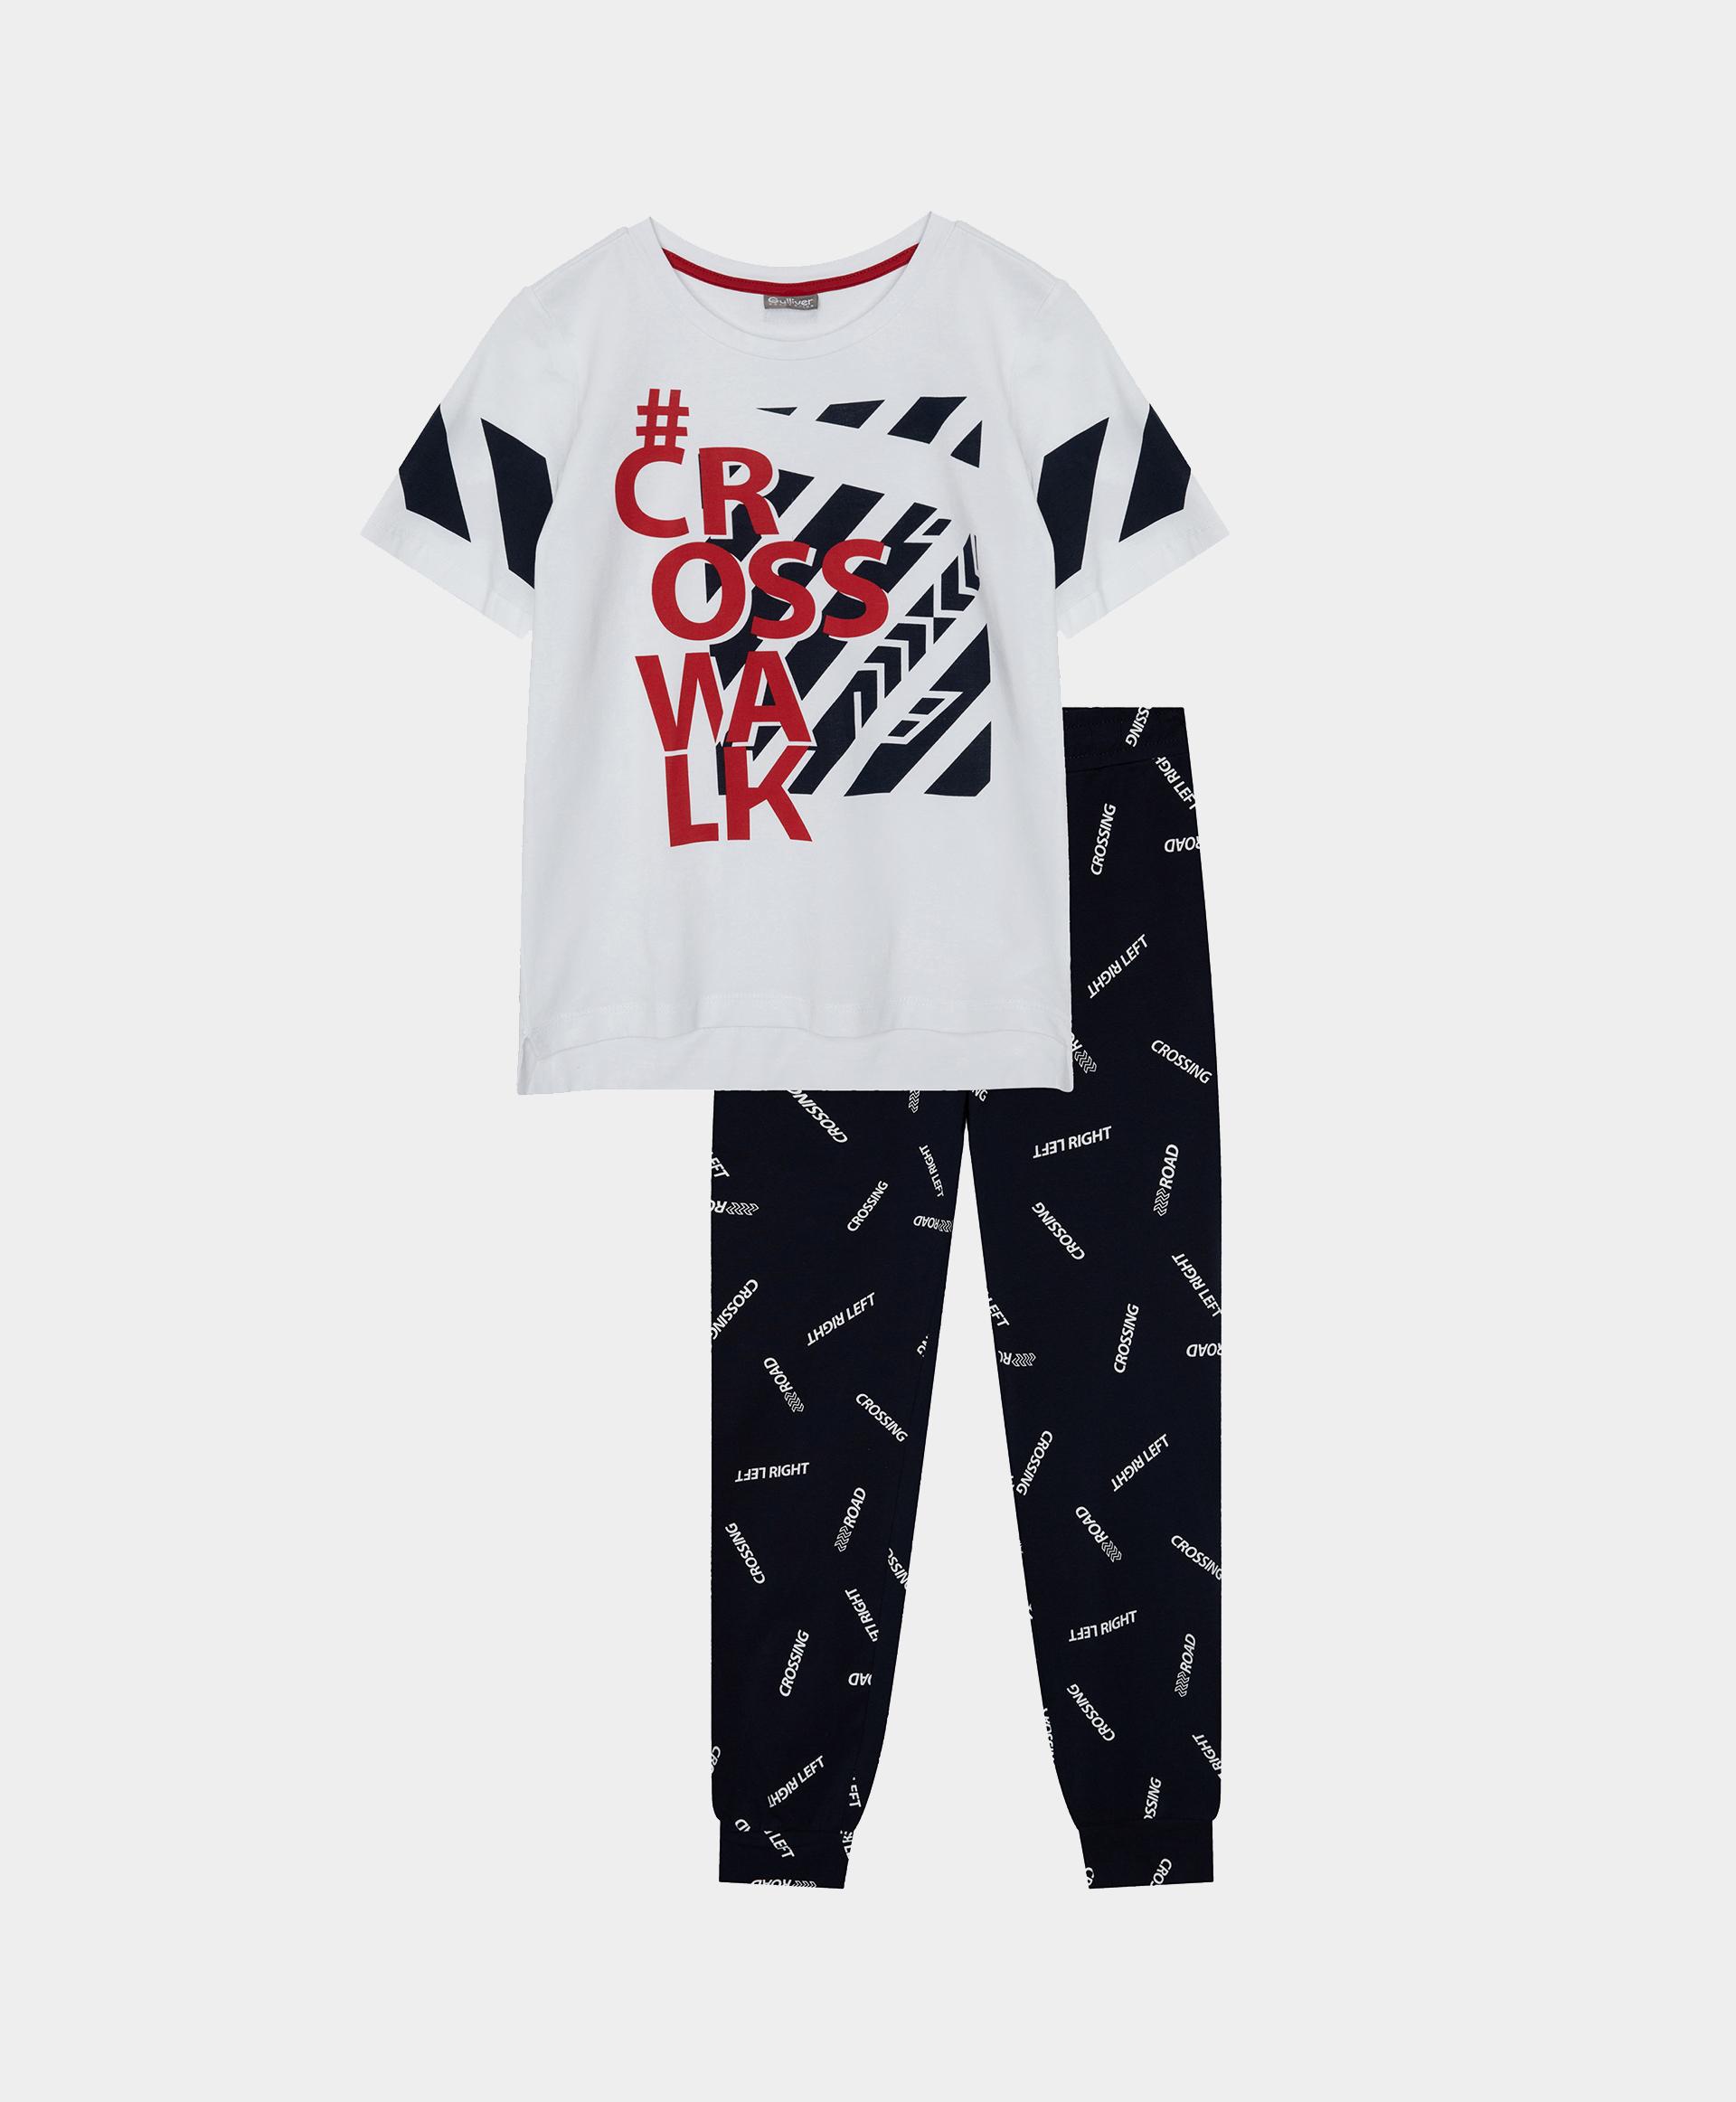 Купить 12100BC9702, Пижама с брюками Gulliver, мультицвет, 146-152, Хлопок, Мужской, Лето, ВЕСНА/ЛЕТО 2021 (shop: GulliverMarket Gulliver Market)